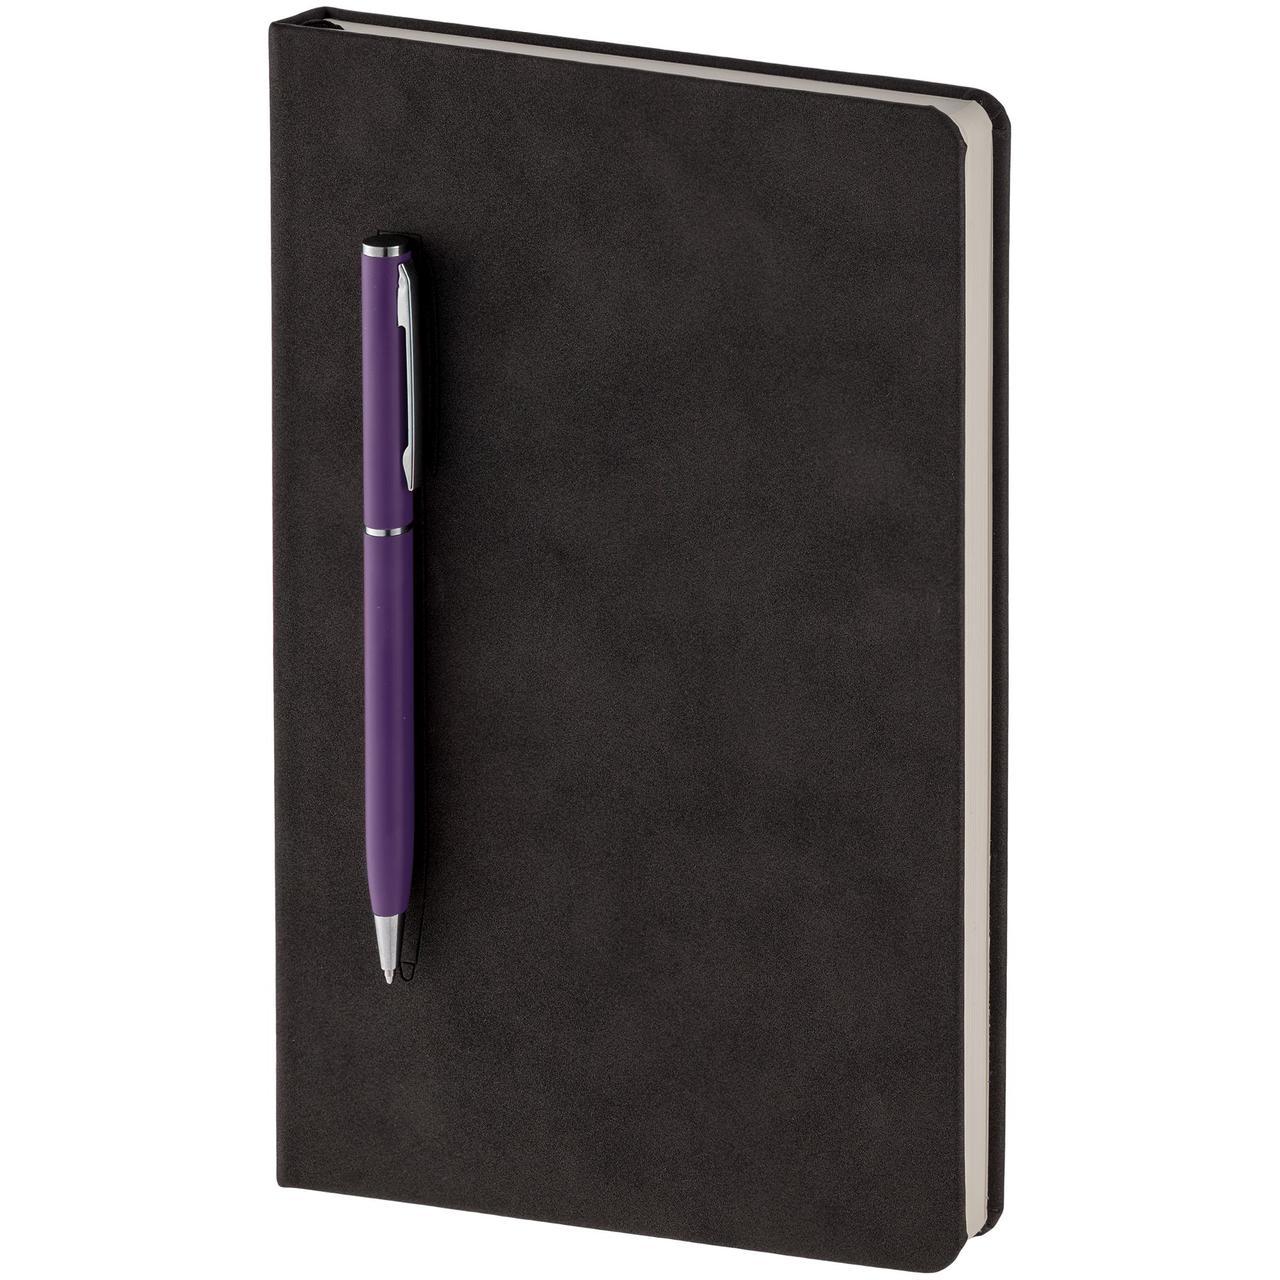 Блокнот Magnet Chrome с ручкой, черно-фиолетовый (артикул 15016.70)